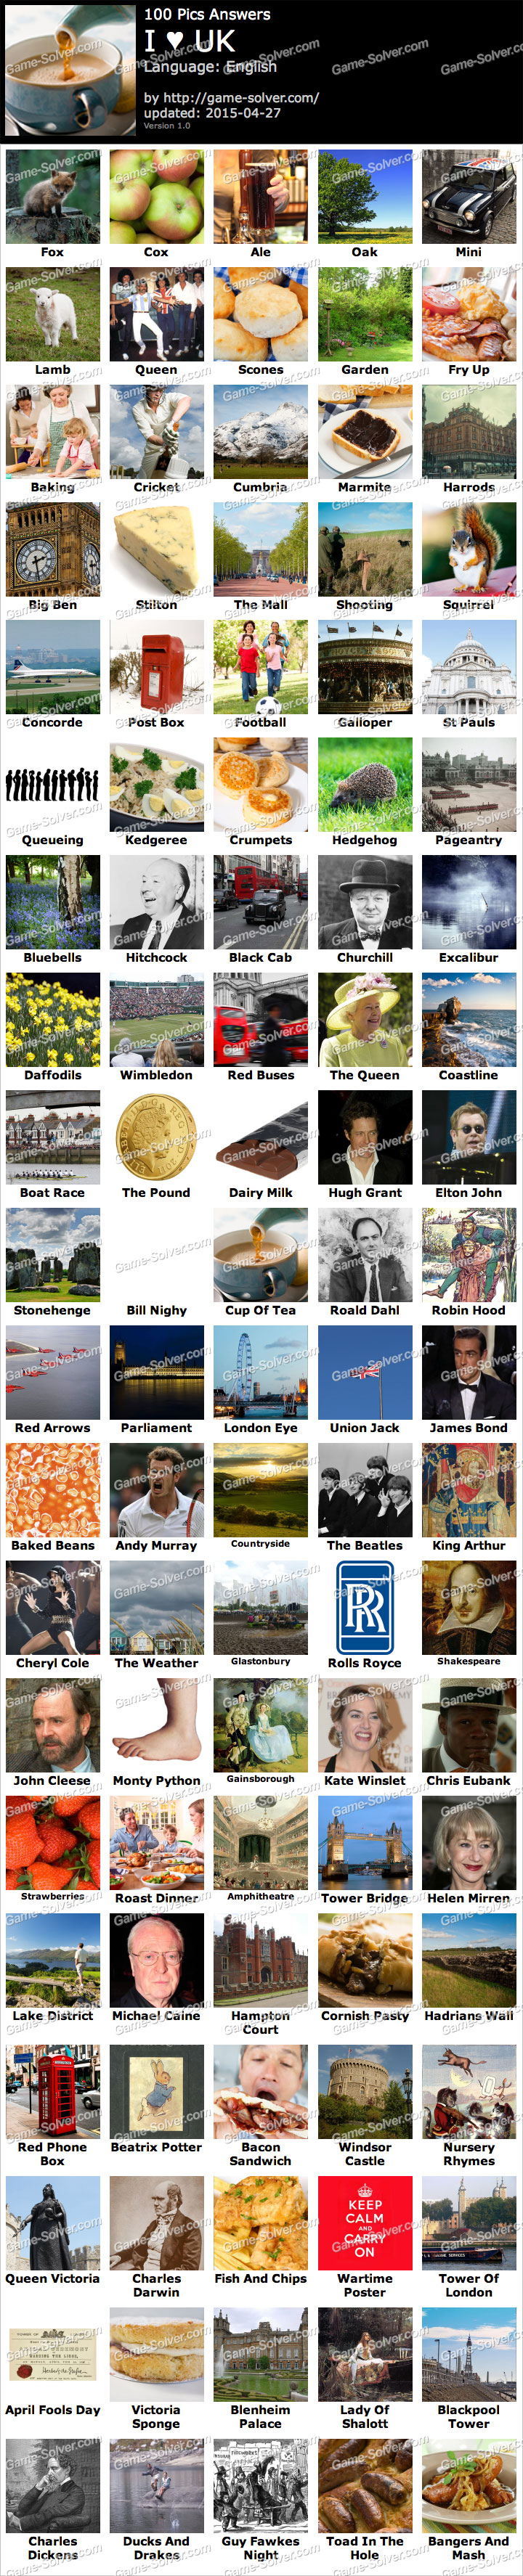 100 Pics Answers i Love 2000s 100 Pics i Love uk